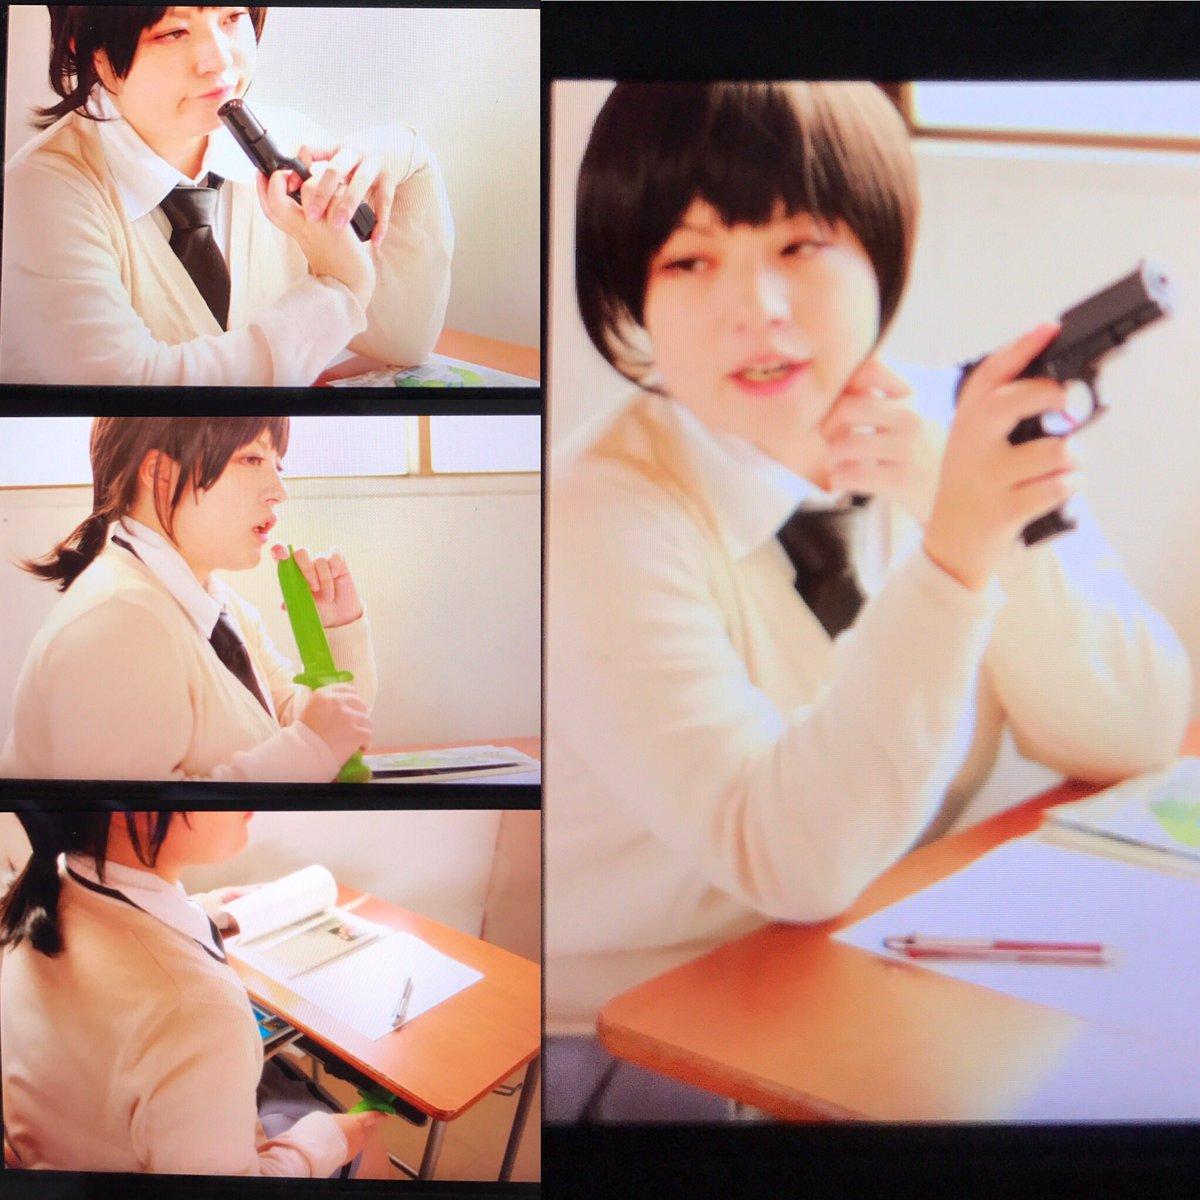 【コス写真注意】昨年出した暗殺教室の原さんを見てくれー!カメラをあいぽんで撮ったから画質悪いのでphoto by とかは